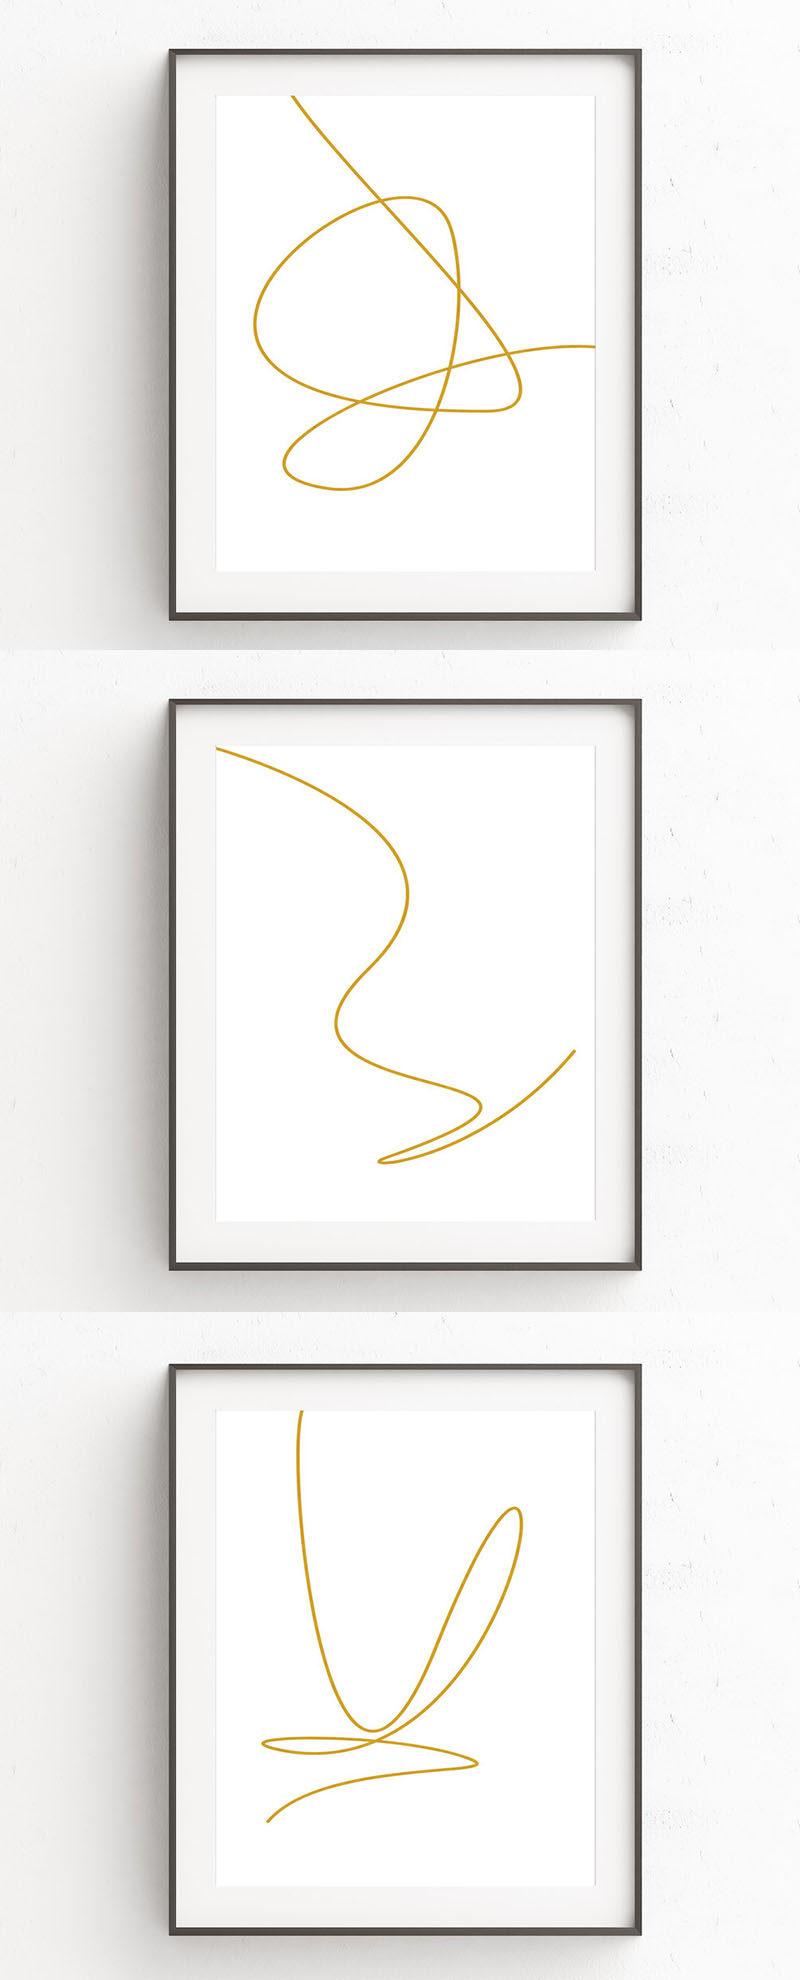 Minimalist Line Art : Minimalist gold line art prints make a dramatic statement